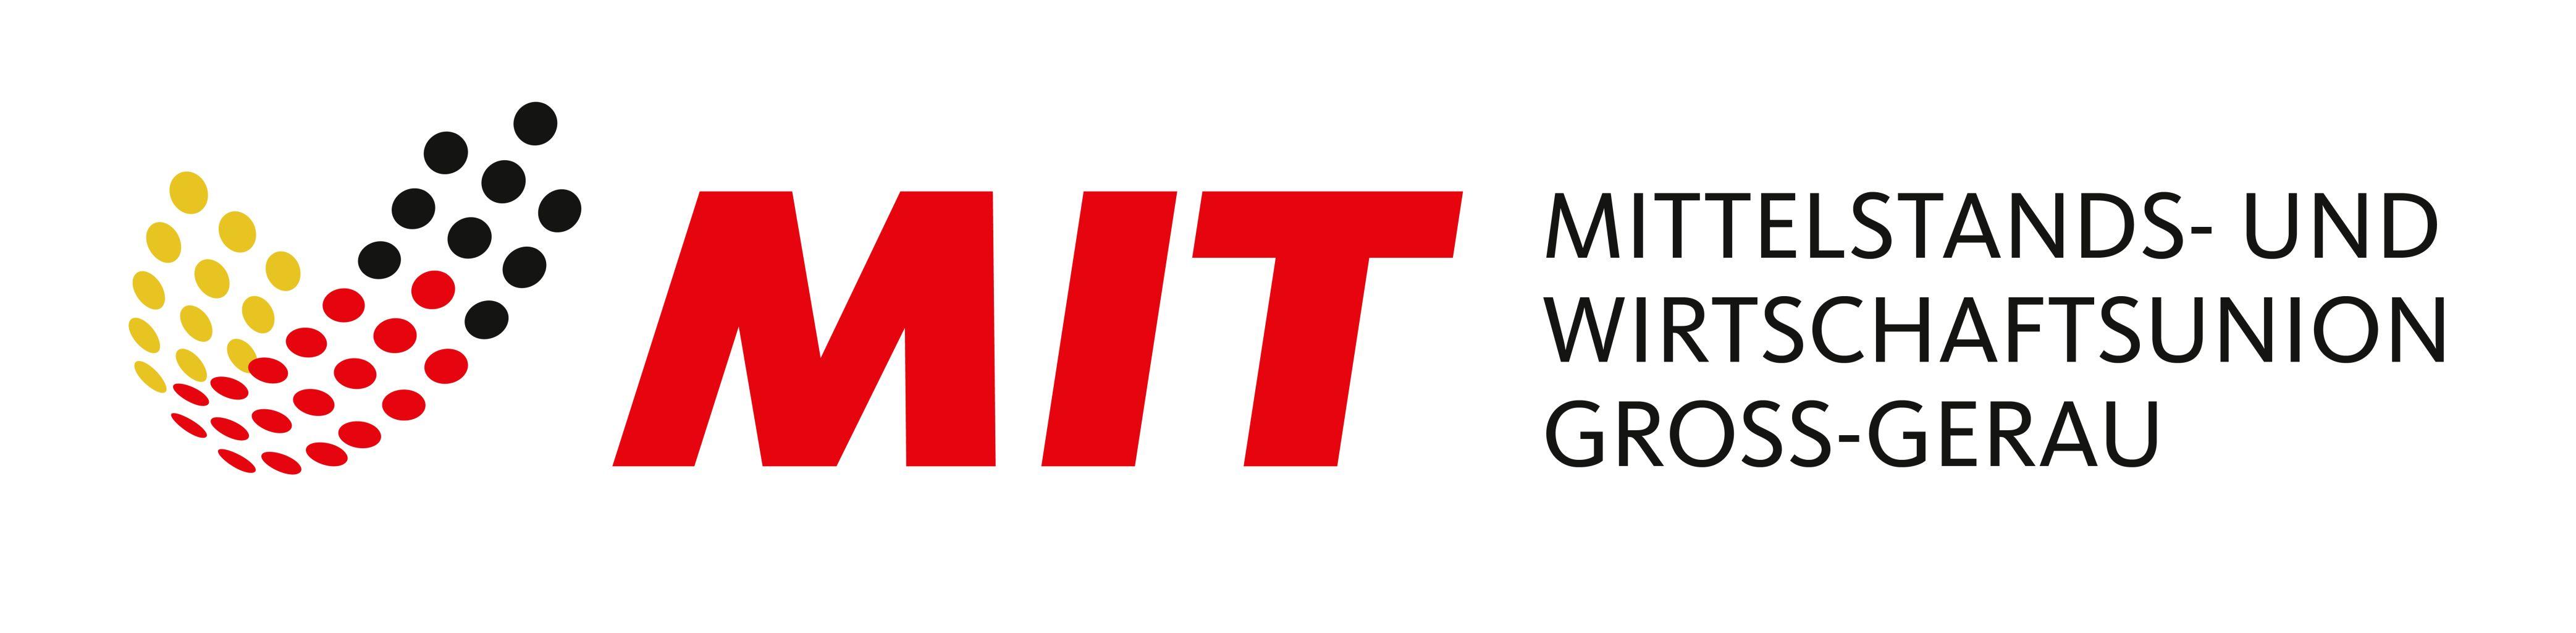 Logo der Mittelstands- und Wirtschaftsunion Groß-Gerau